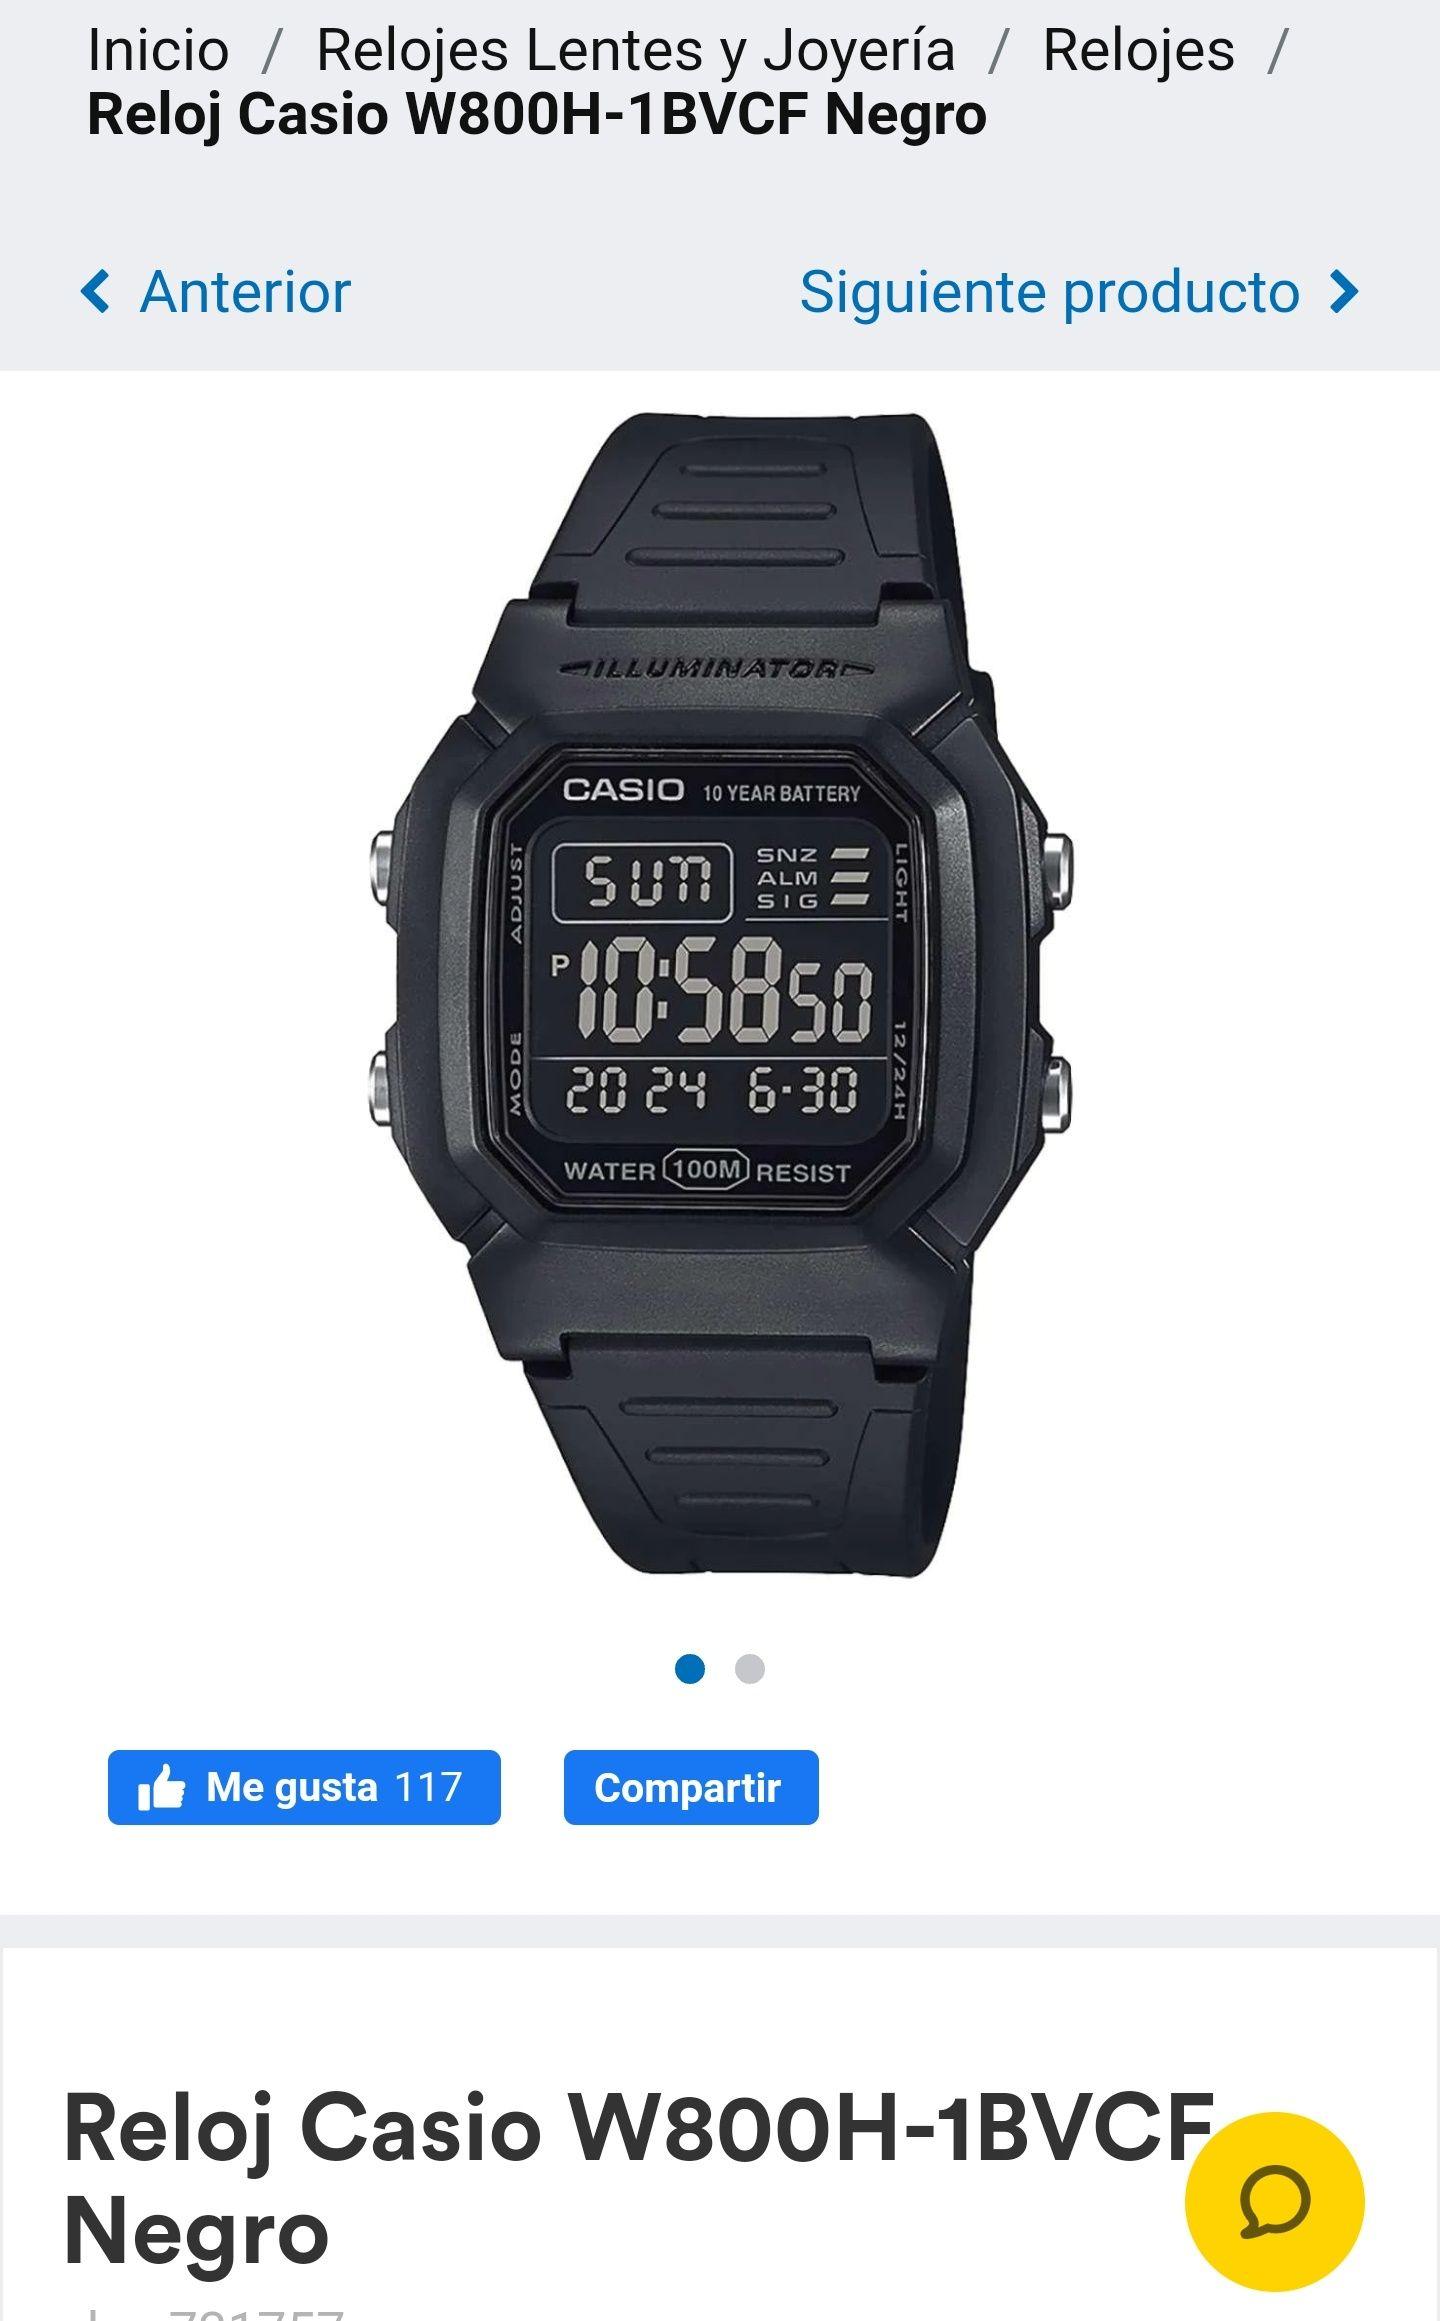 Coppel: Reloj Casio W800H-1BVCF Negro